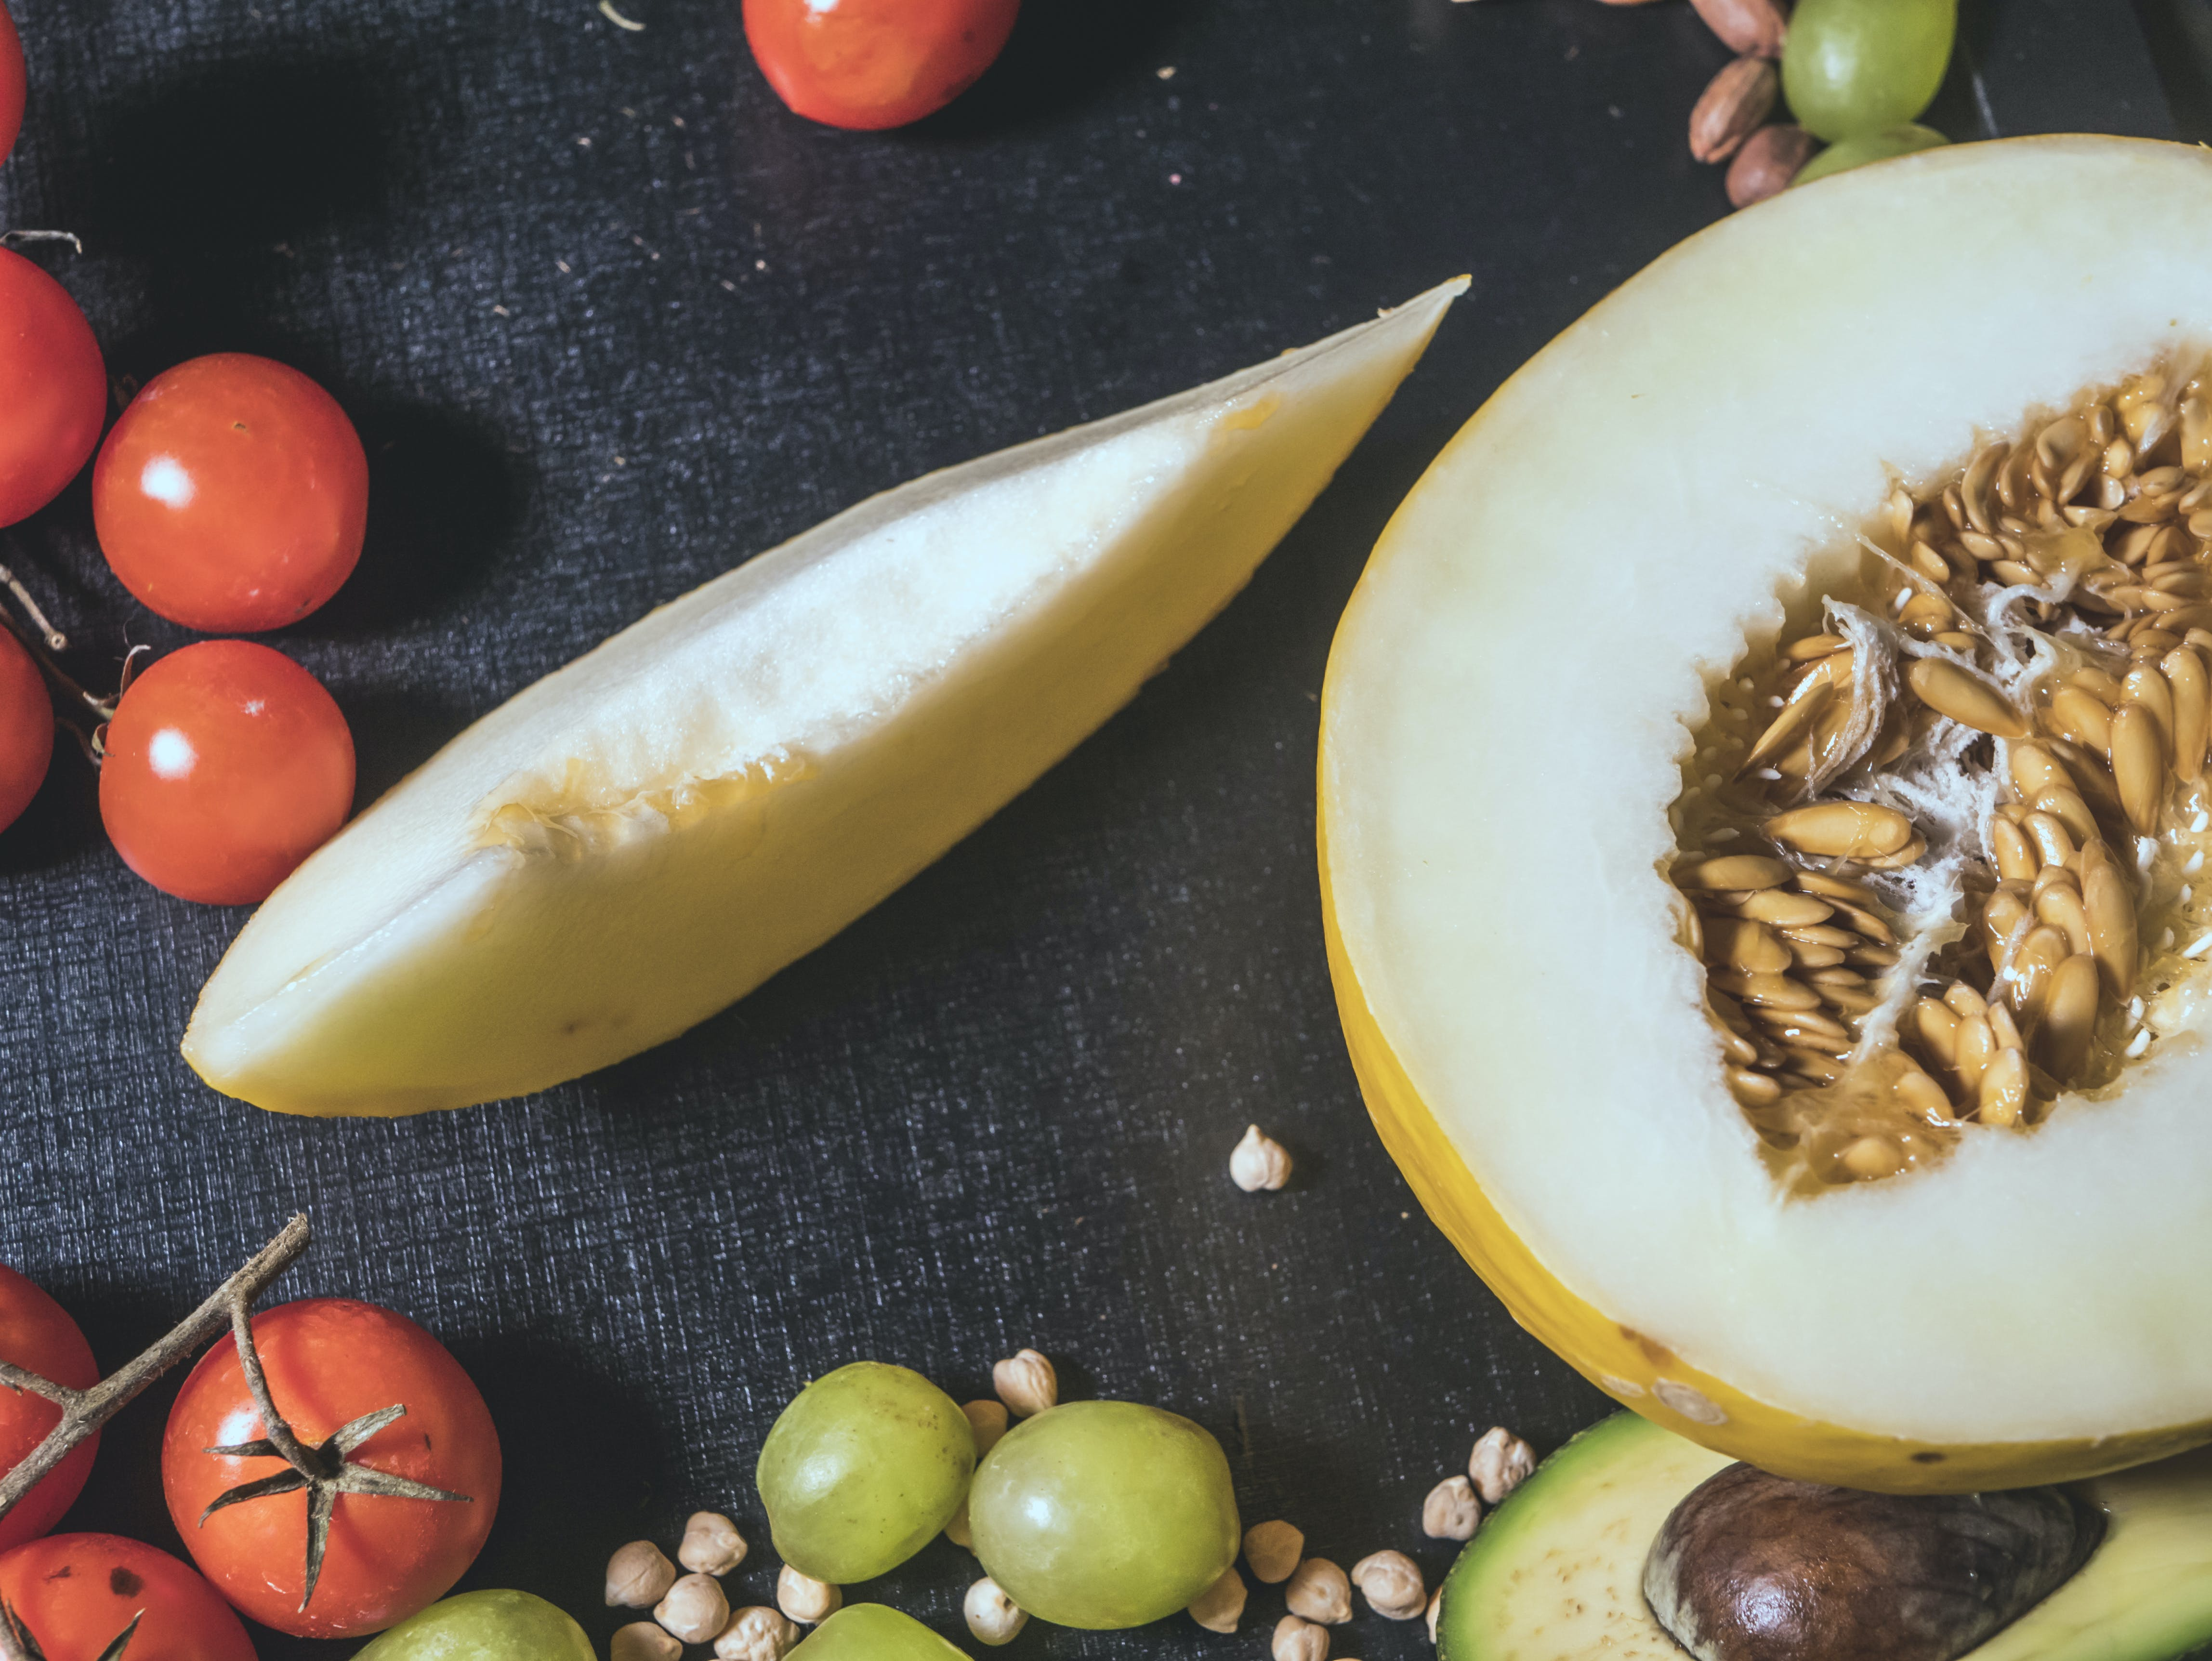 Fotos de stock gratuitas de aguacate, cacahuetes, clasificado, colores